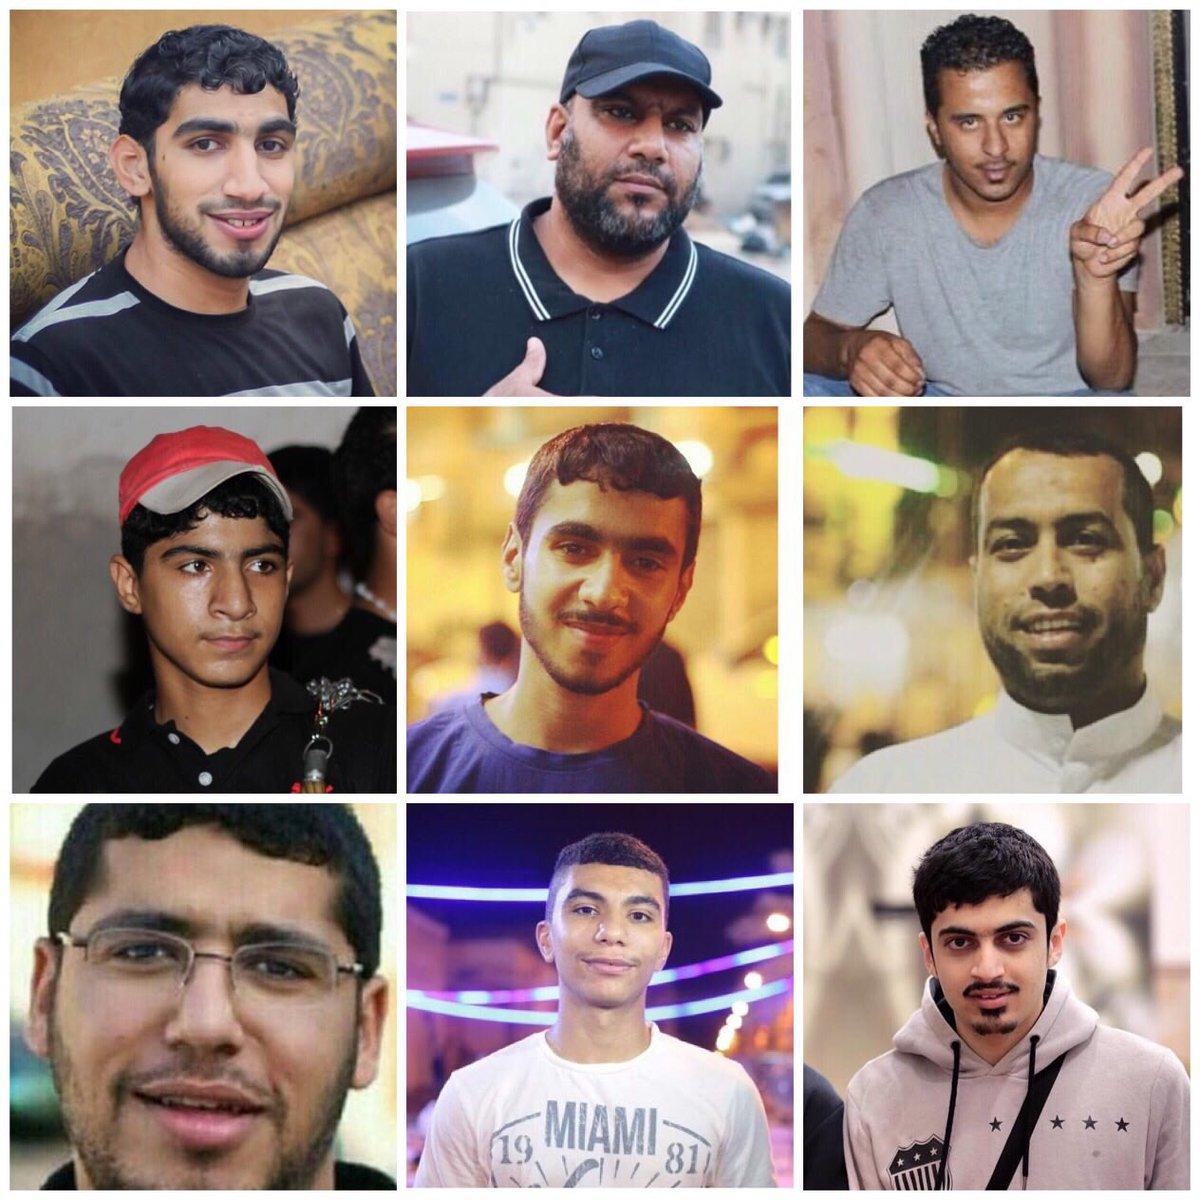 دادگاه نظامی آل خلیفه محاکمه ۹ بحرینی را به تعویق انداخت